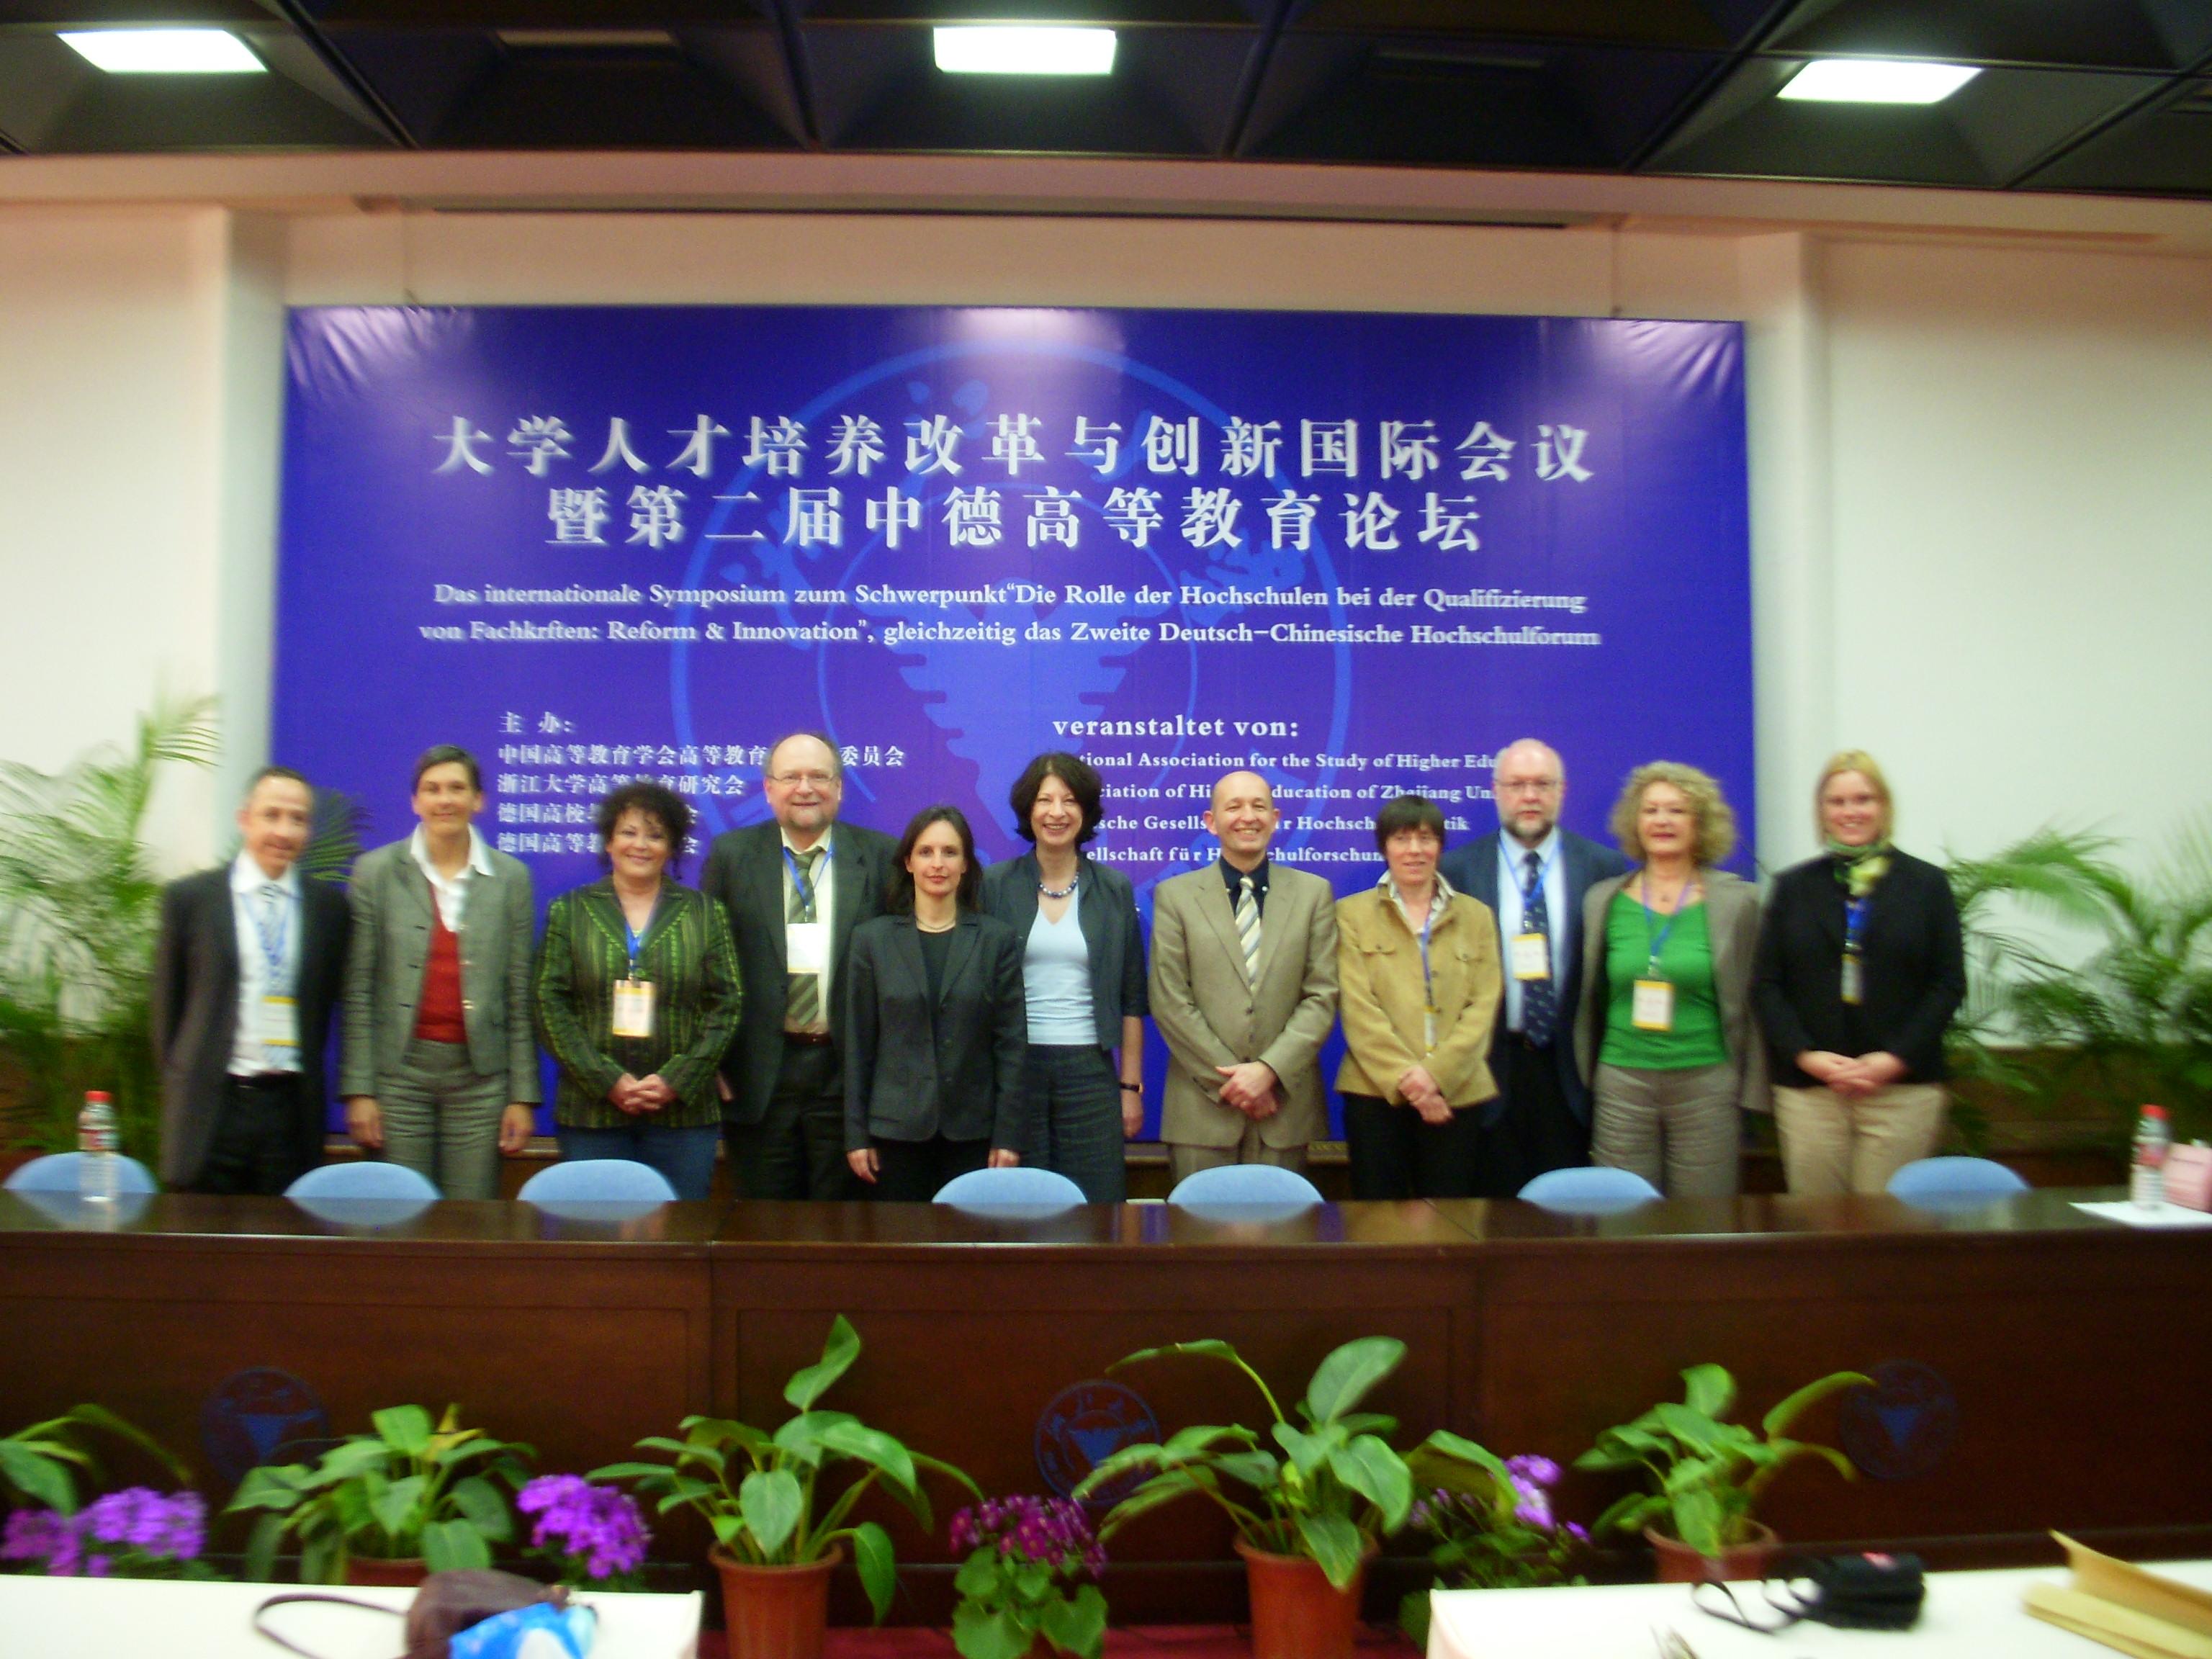 Abschlussbericht zum 2. Deutsch-Chinesischen Hochschulforum in Hangzhou